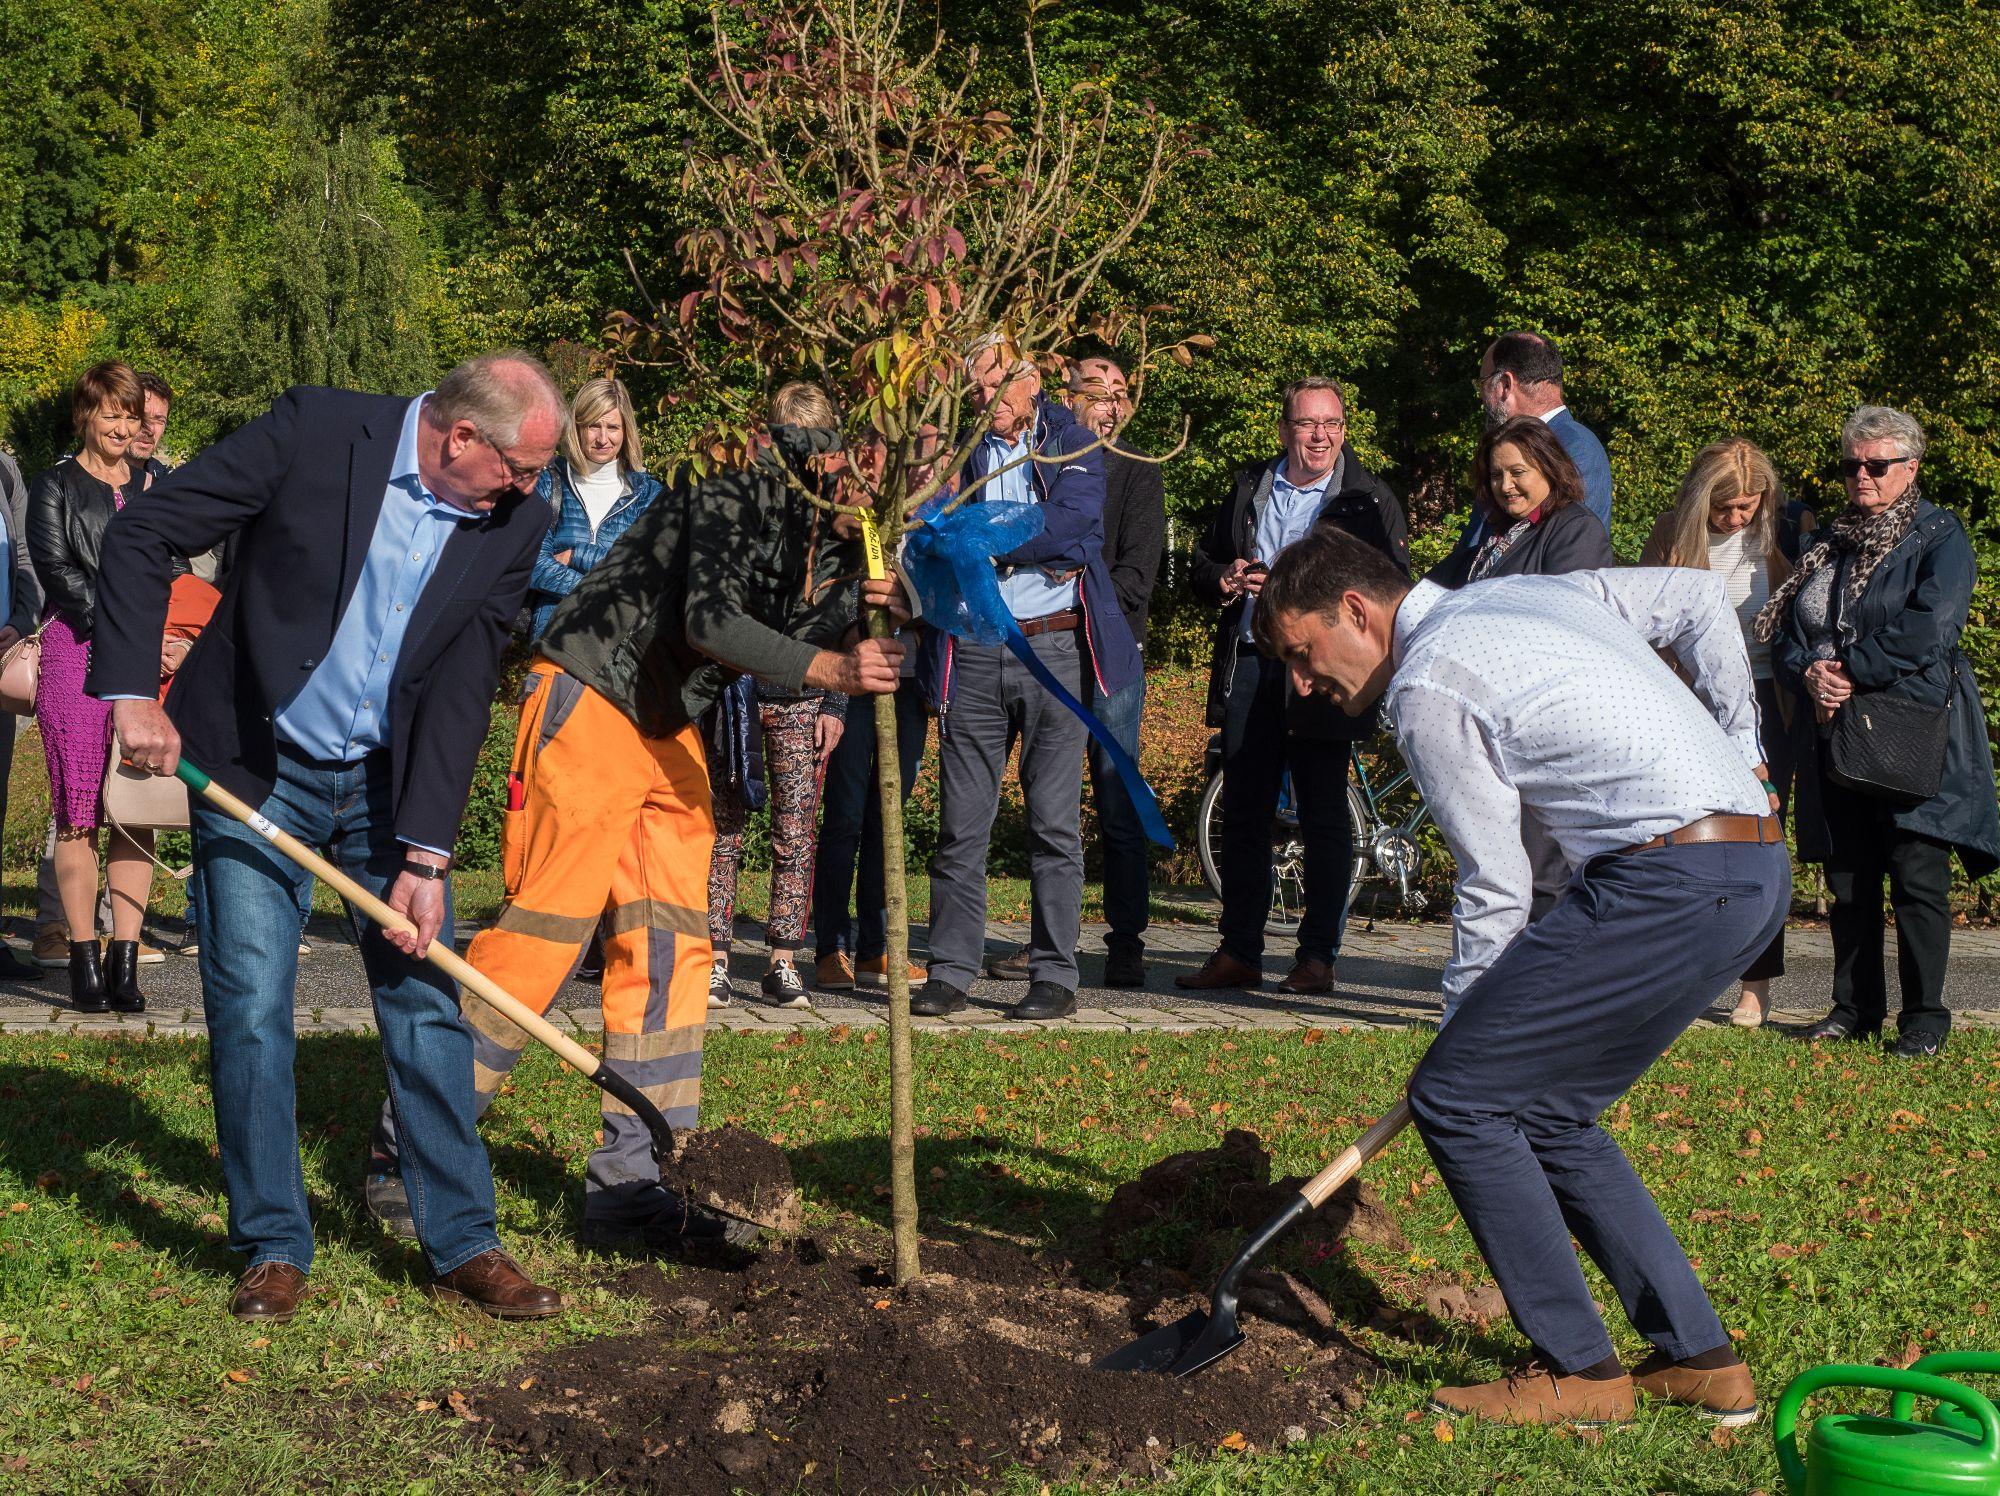 Bild der Bürgermeister beim Baumpflanzen